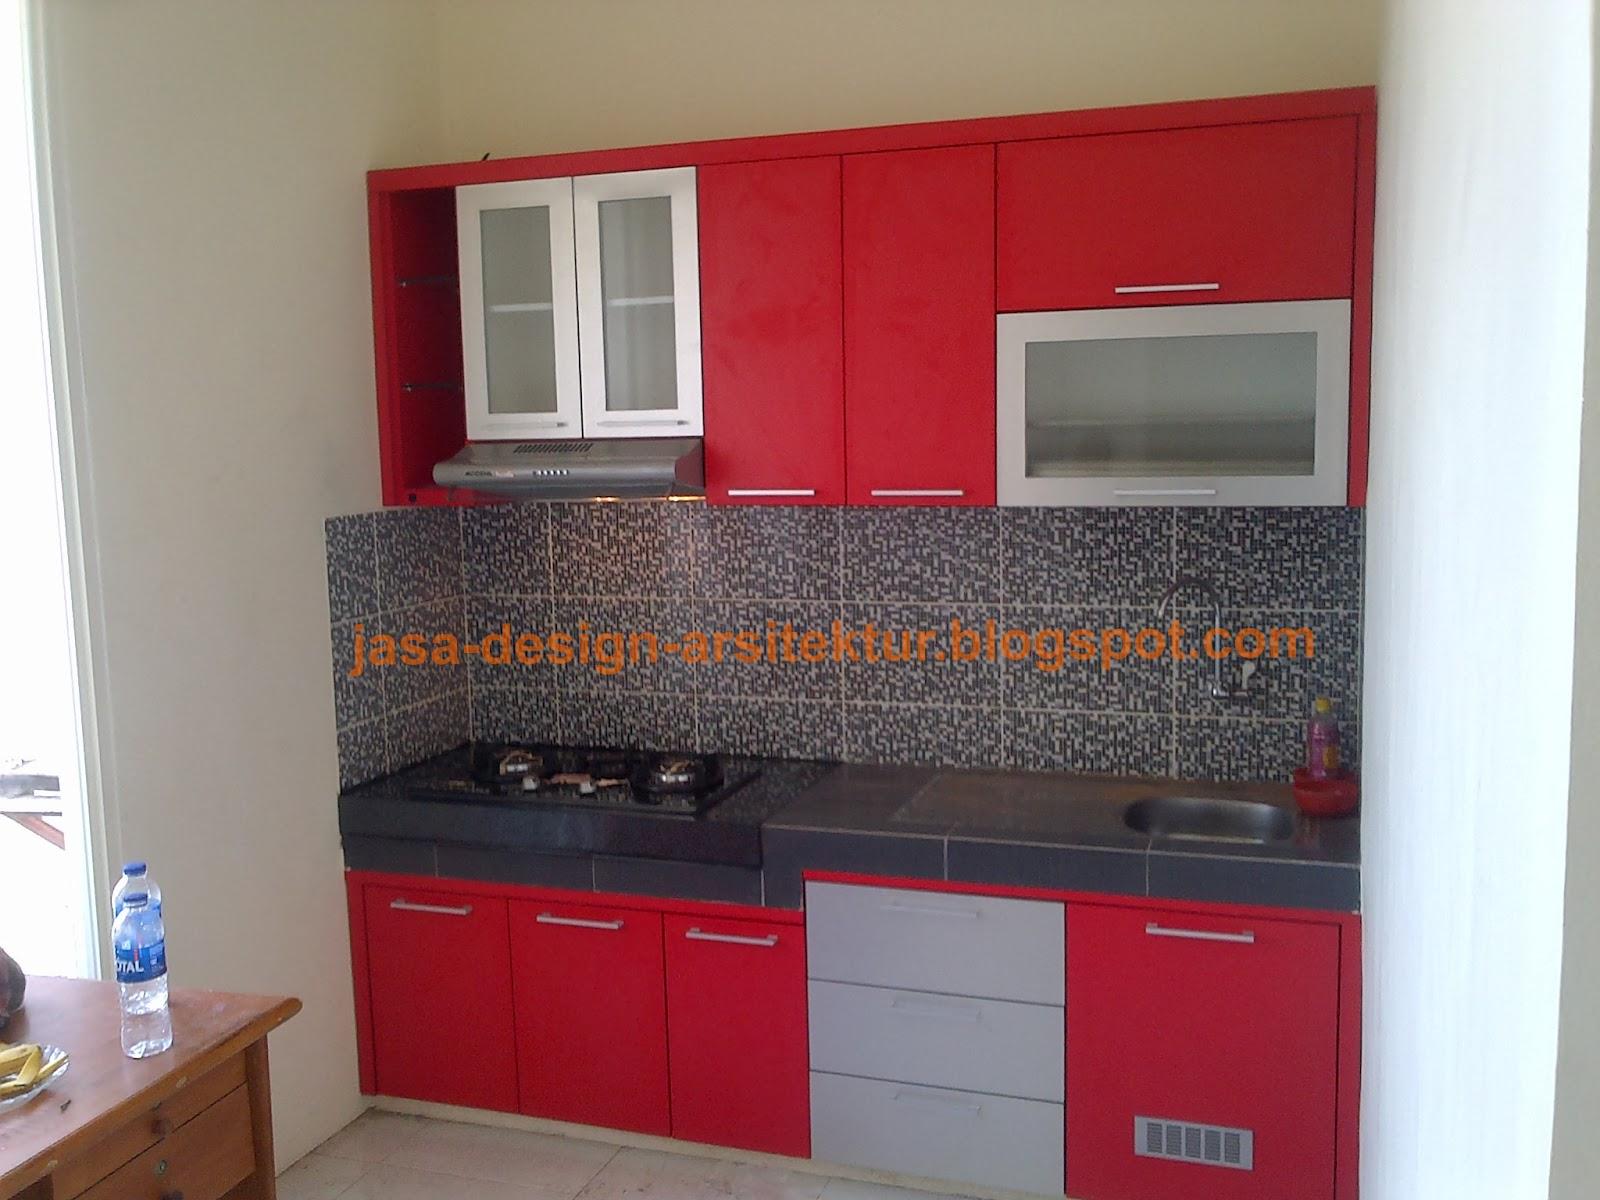 Kontraktor interior surabaya sidoarjo kitchen set warna merah for Harga pasang kitchen set